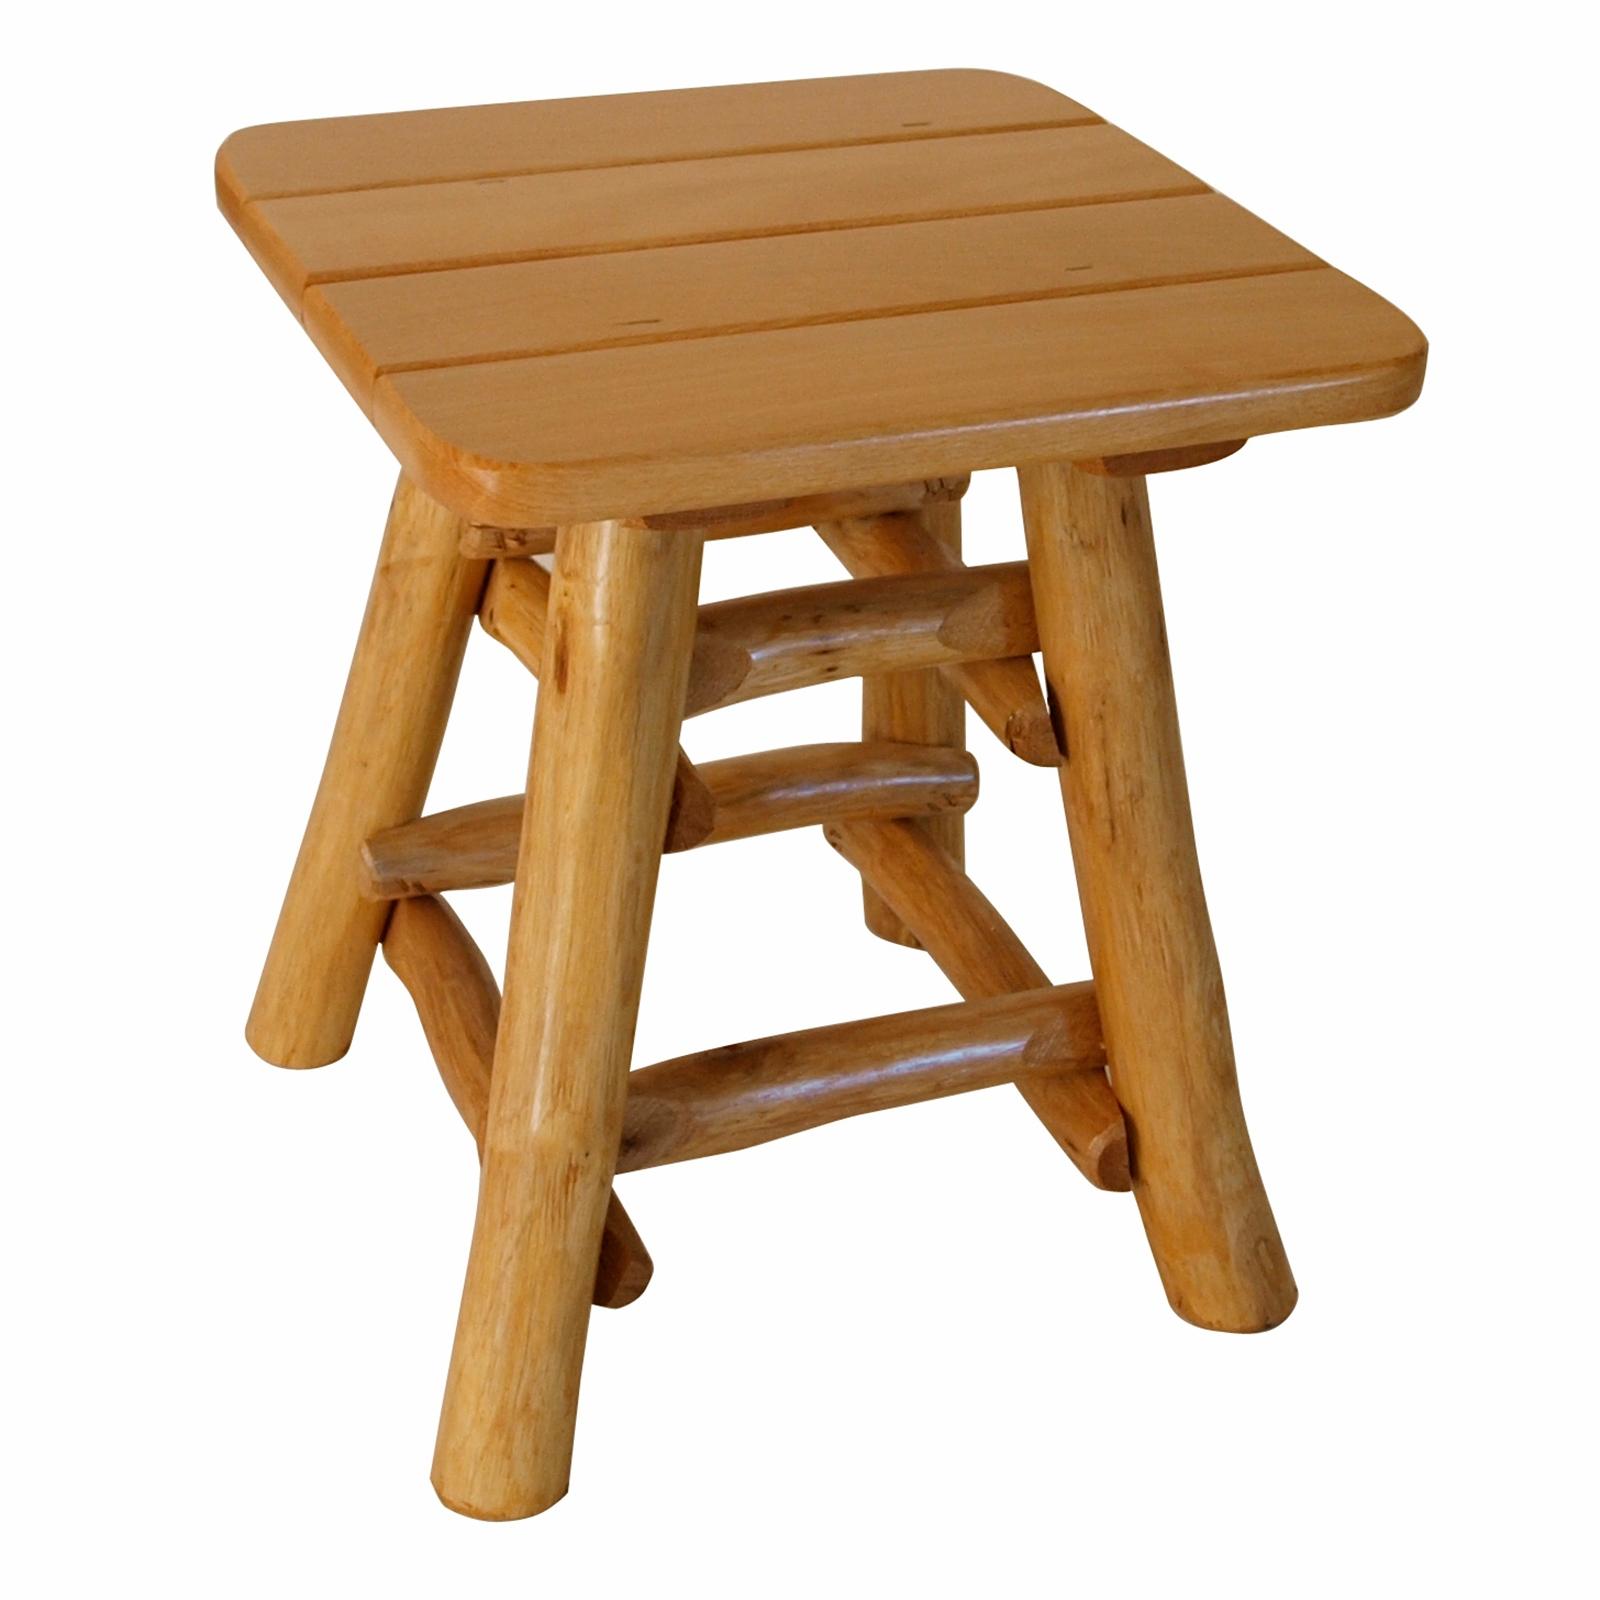 Beeindruckend Stuhl Holz Ideen Von Hocker 40x40x42cm Knüppelholzhocker Holzhocker Schemel Buche Eiche